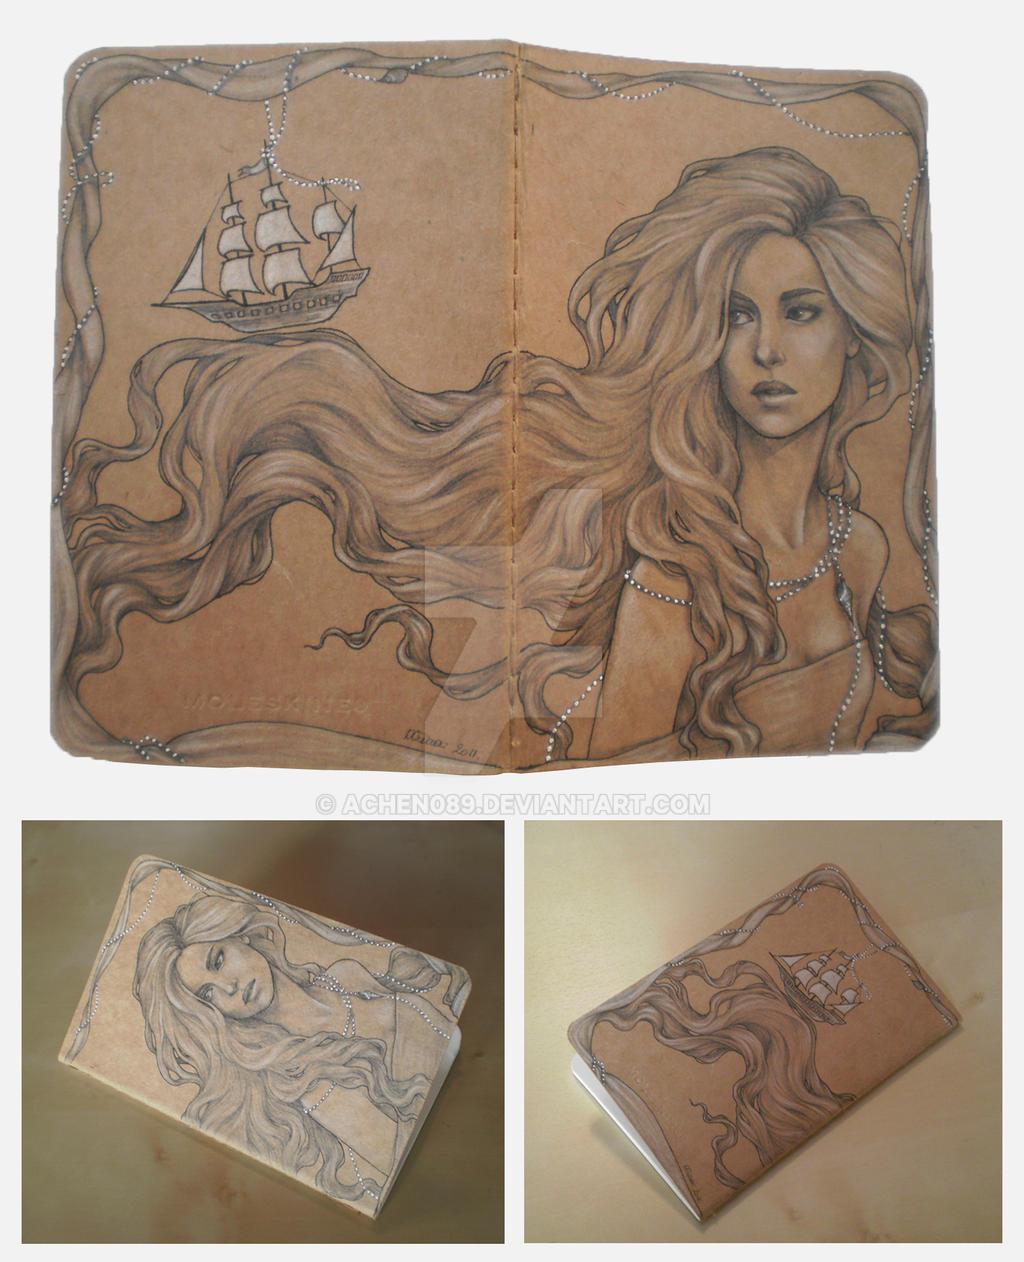 The Sea Journal II by Achen089